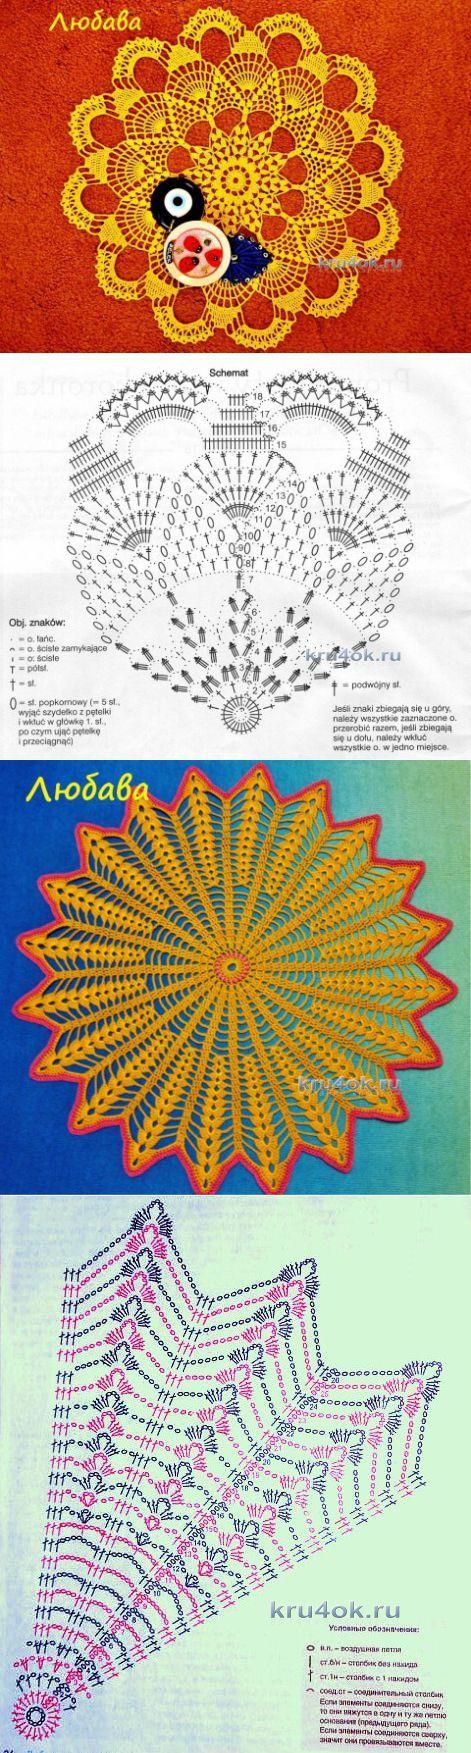 Салфетки крючком с описанием и схемами - вязание крючком на kru4ok.ru